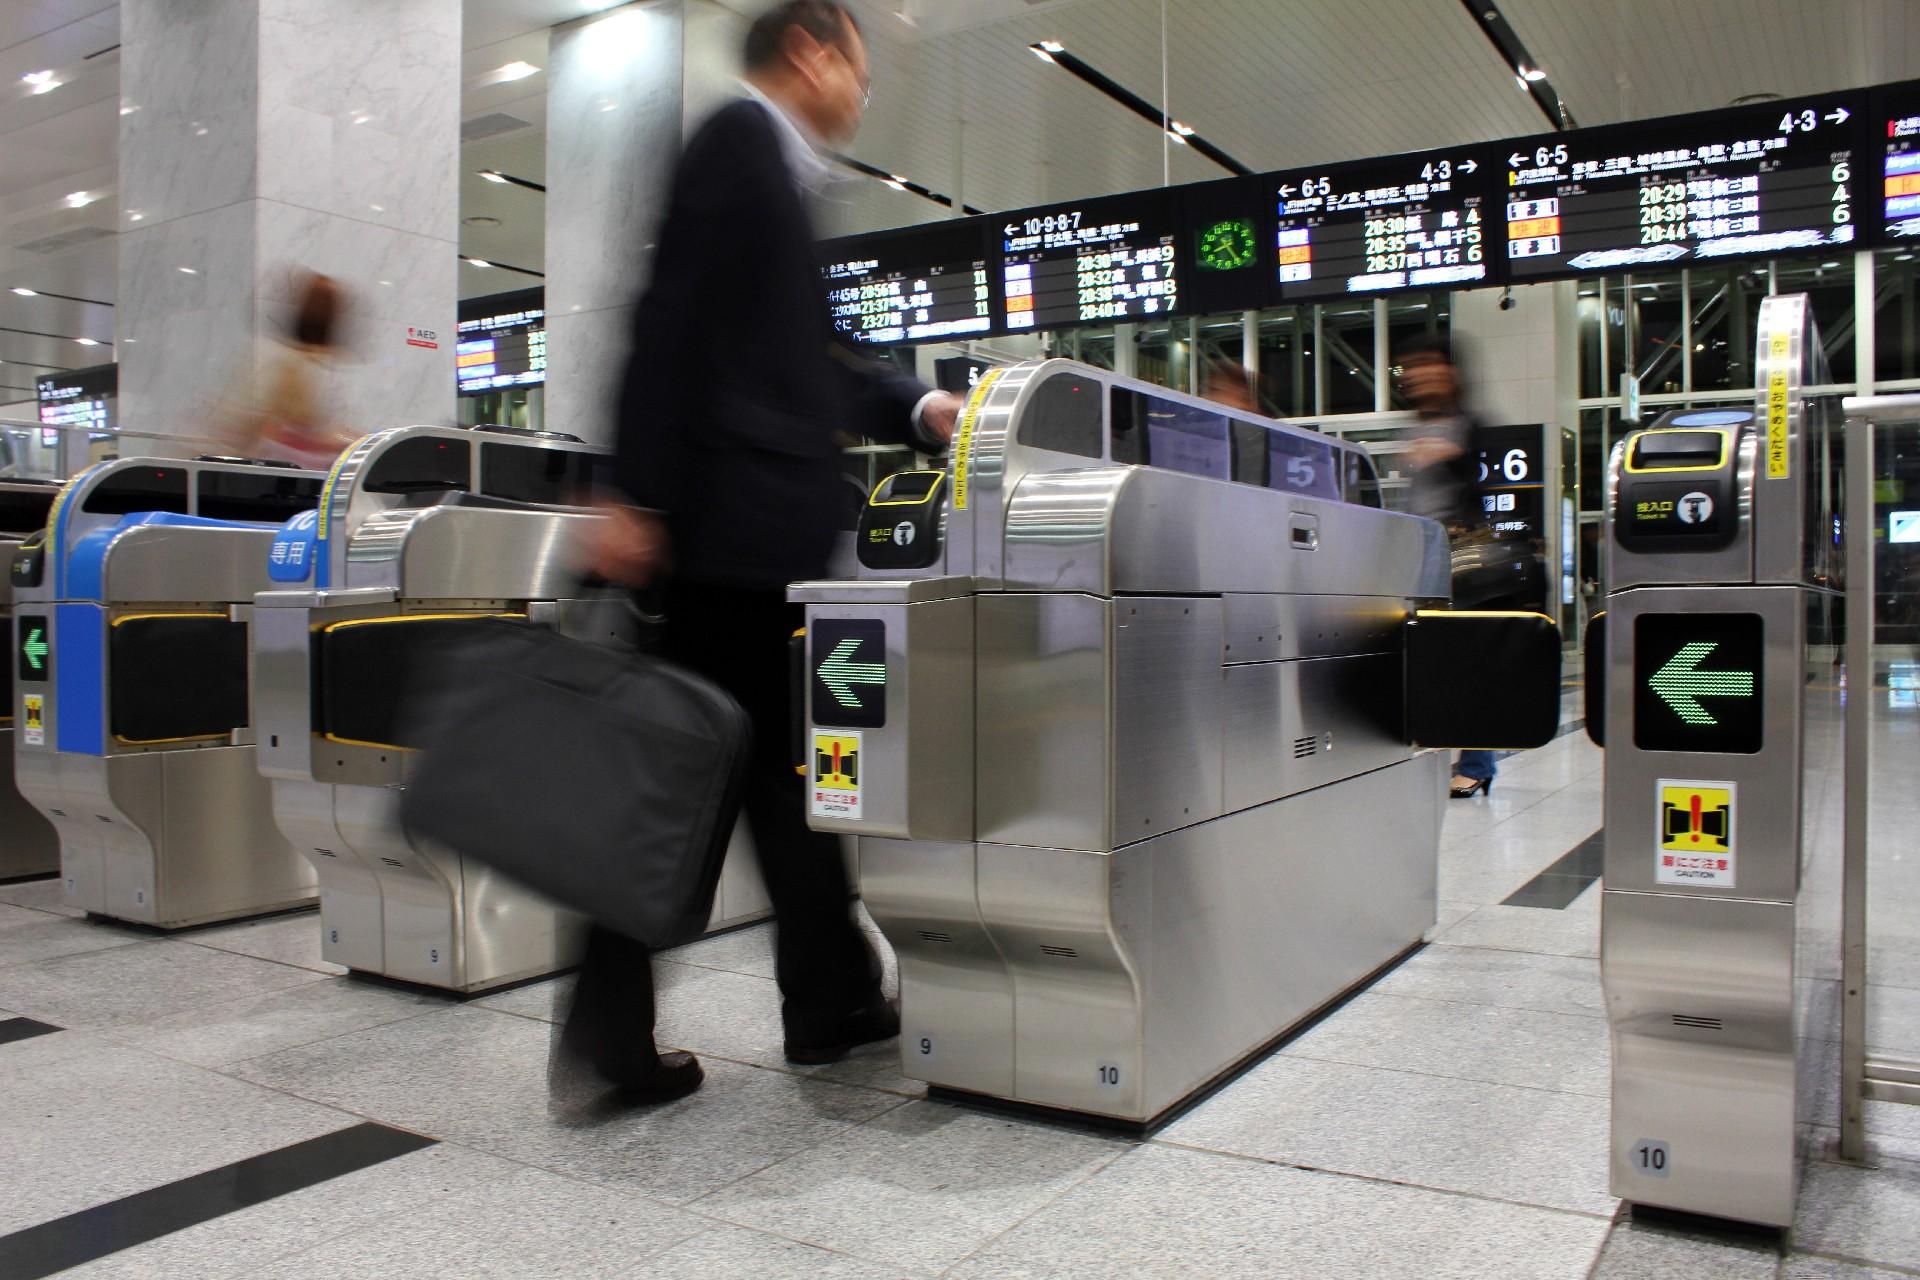 新幹線改札|新幹線への乗車・降車|乗り換え